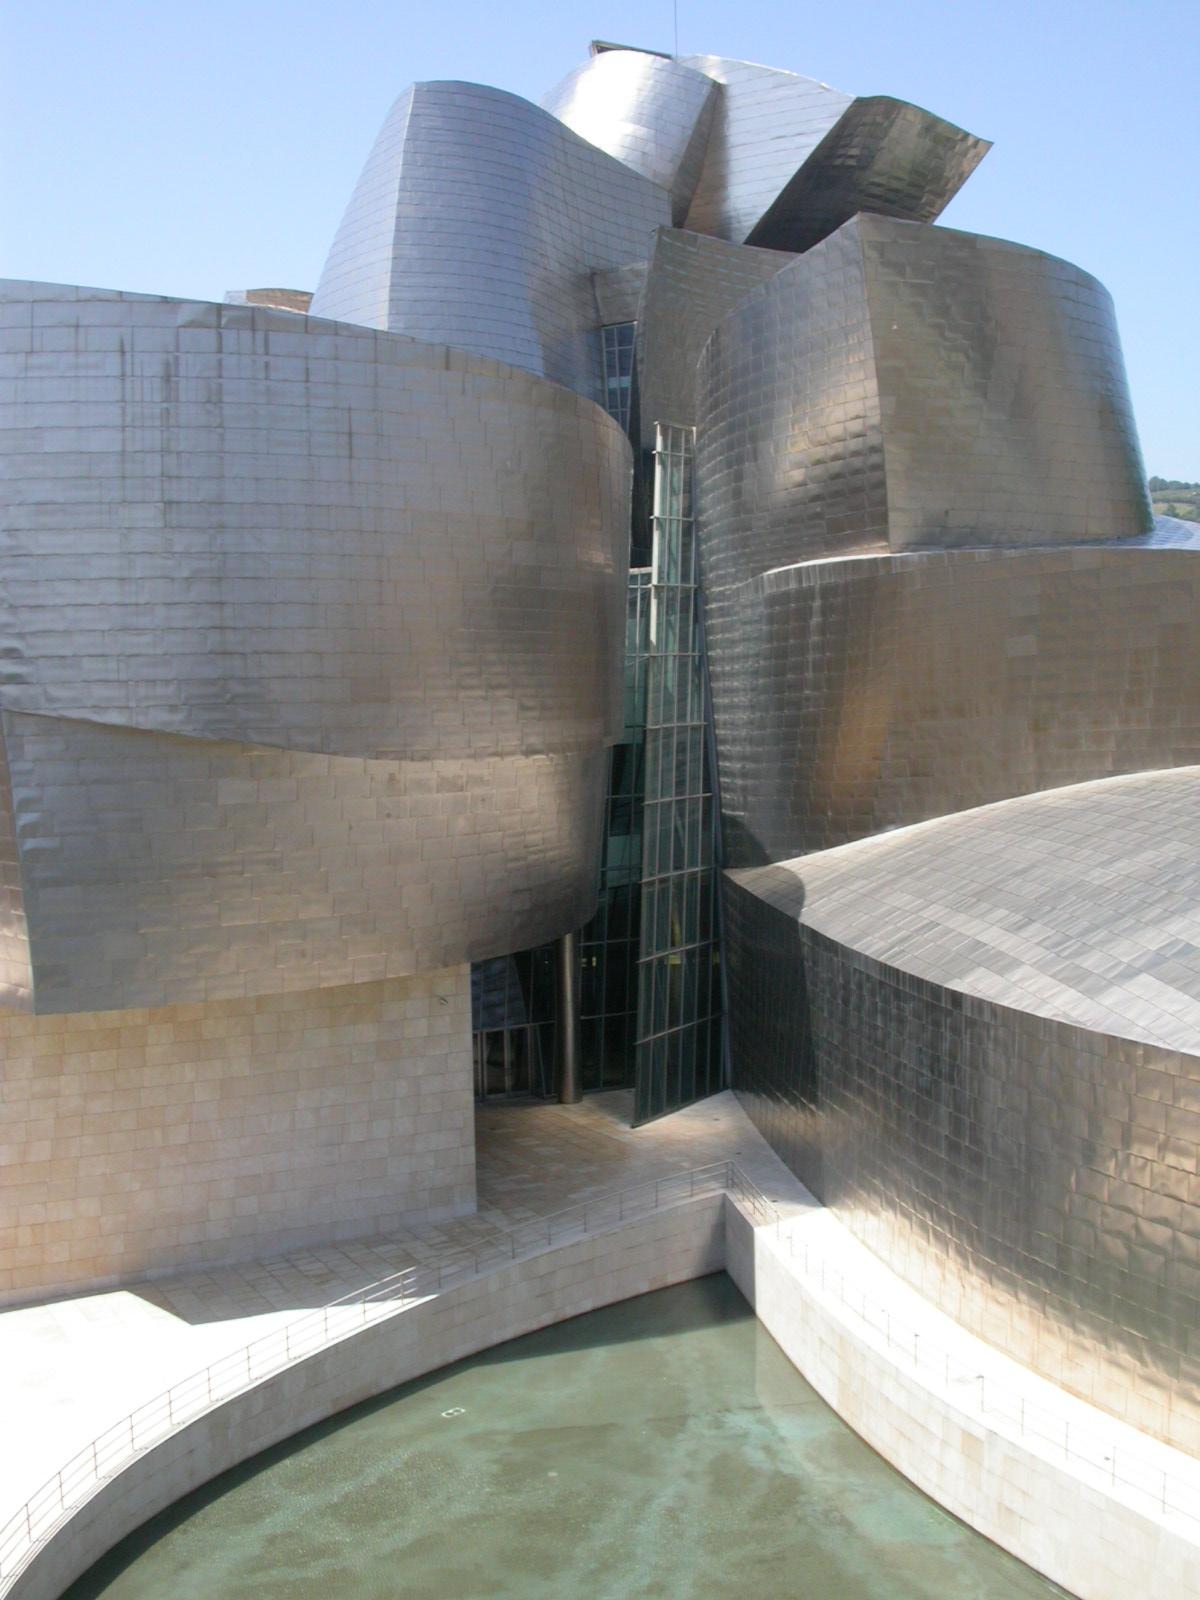 Premier 18_FIG 2_AUTORE_Lastre in titanio delle superfici esterne del Museo Guggenheim di Bilbao, Spagna (Frank Gehry, 1997)